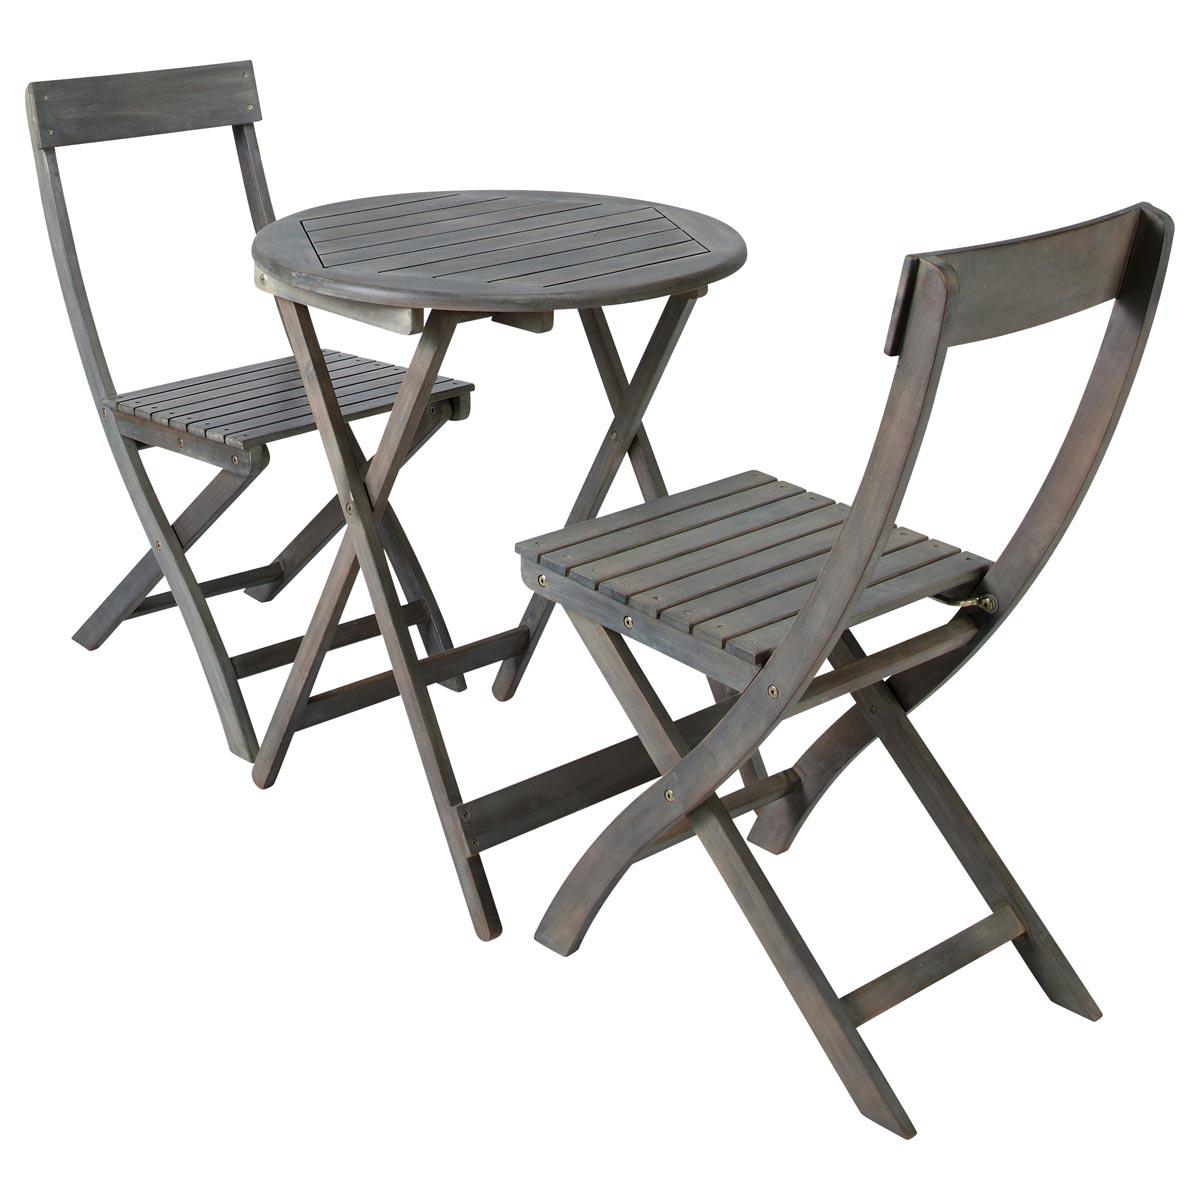 Petite table et chaise de jardin - maison parallele